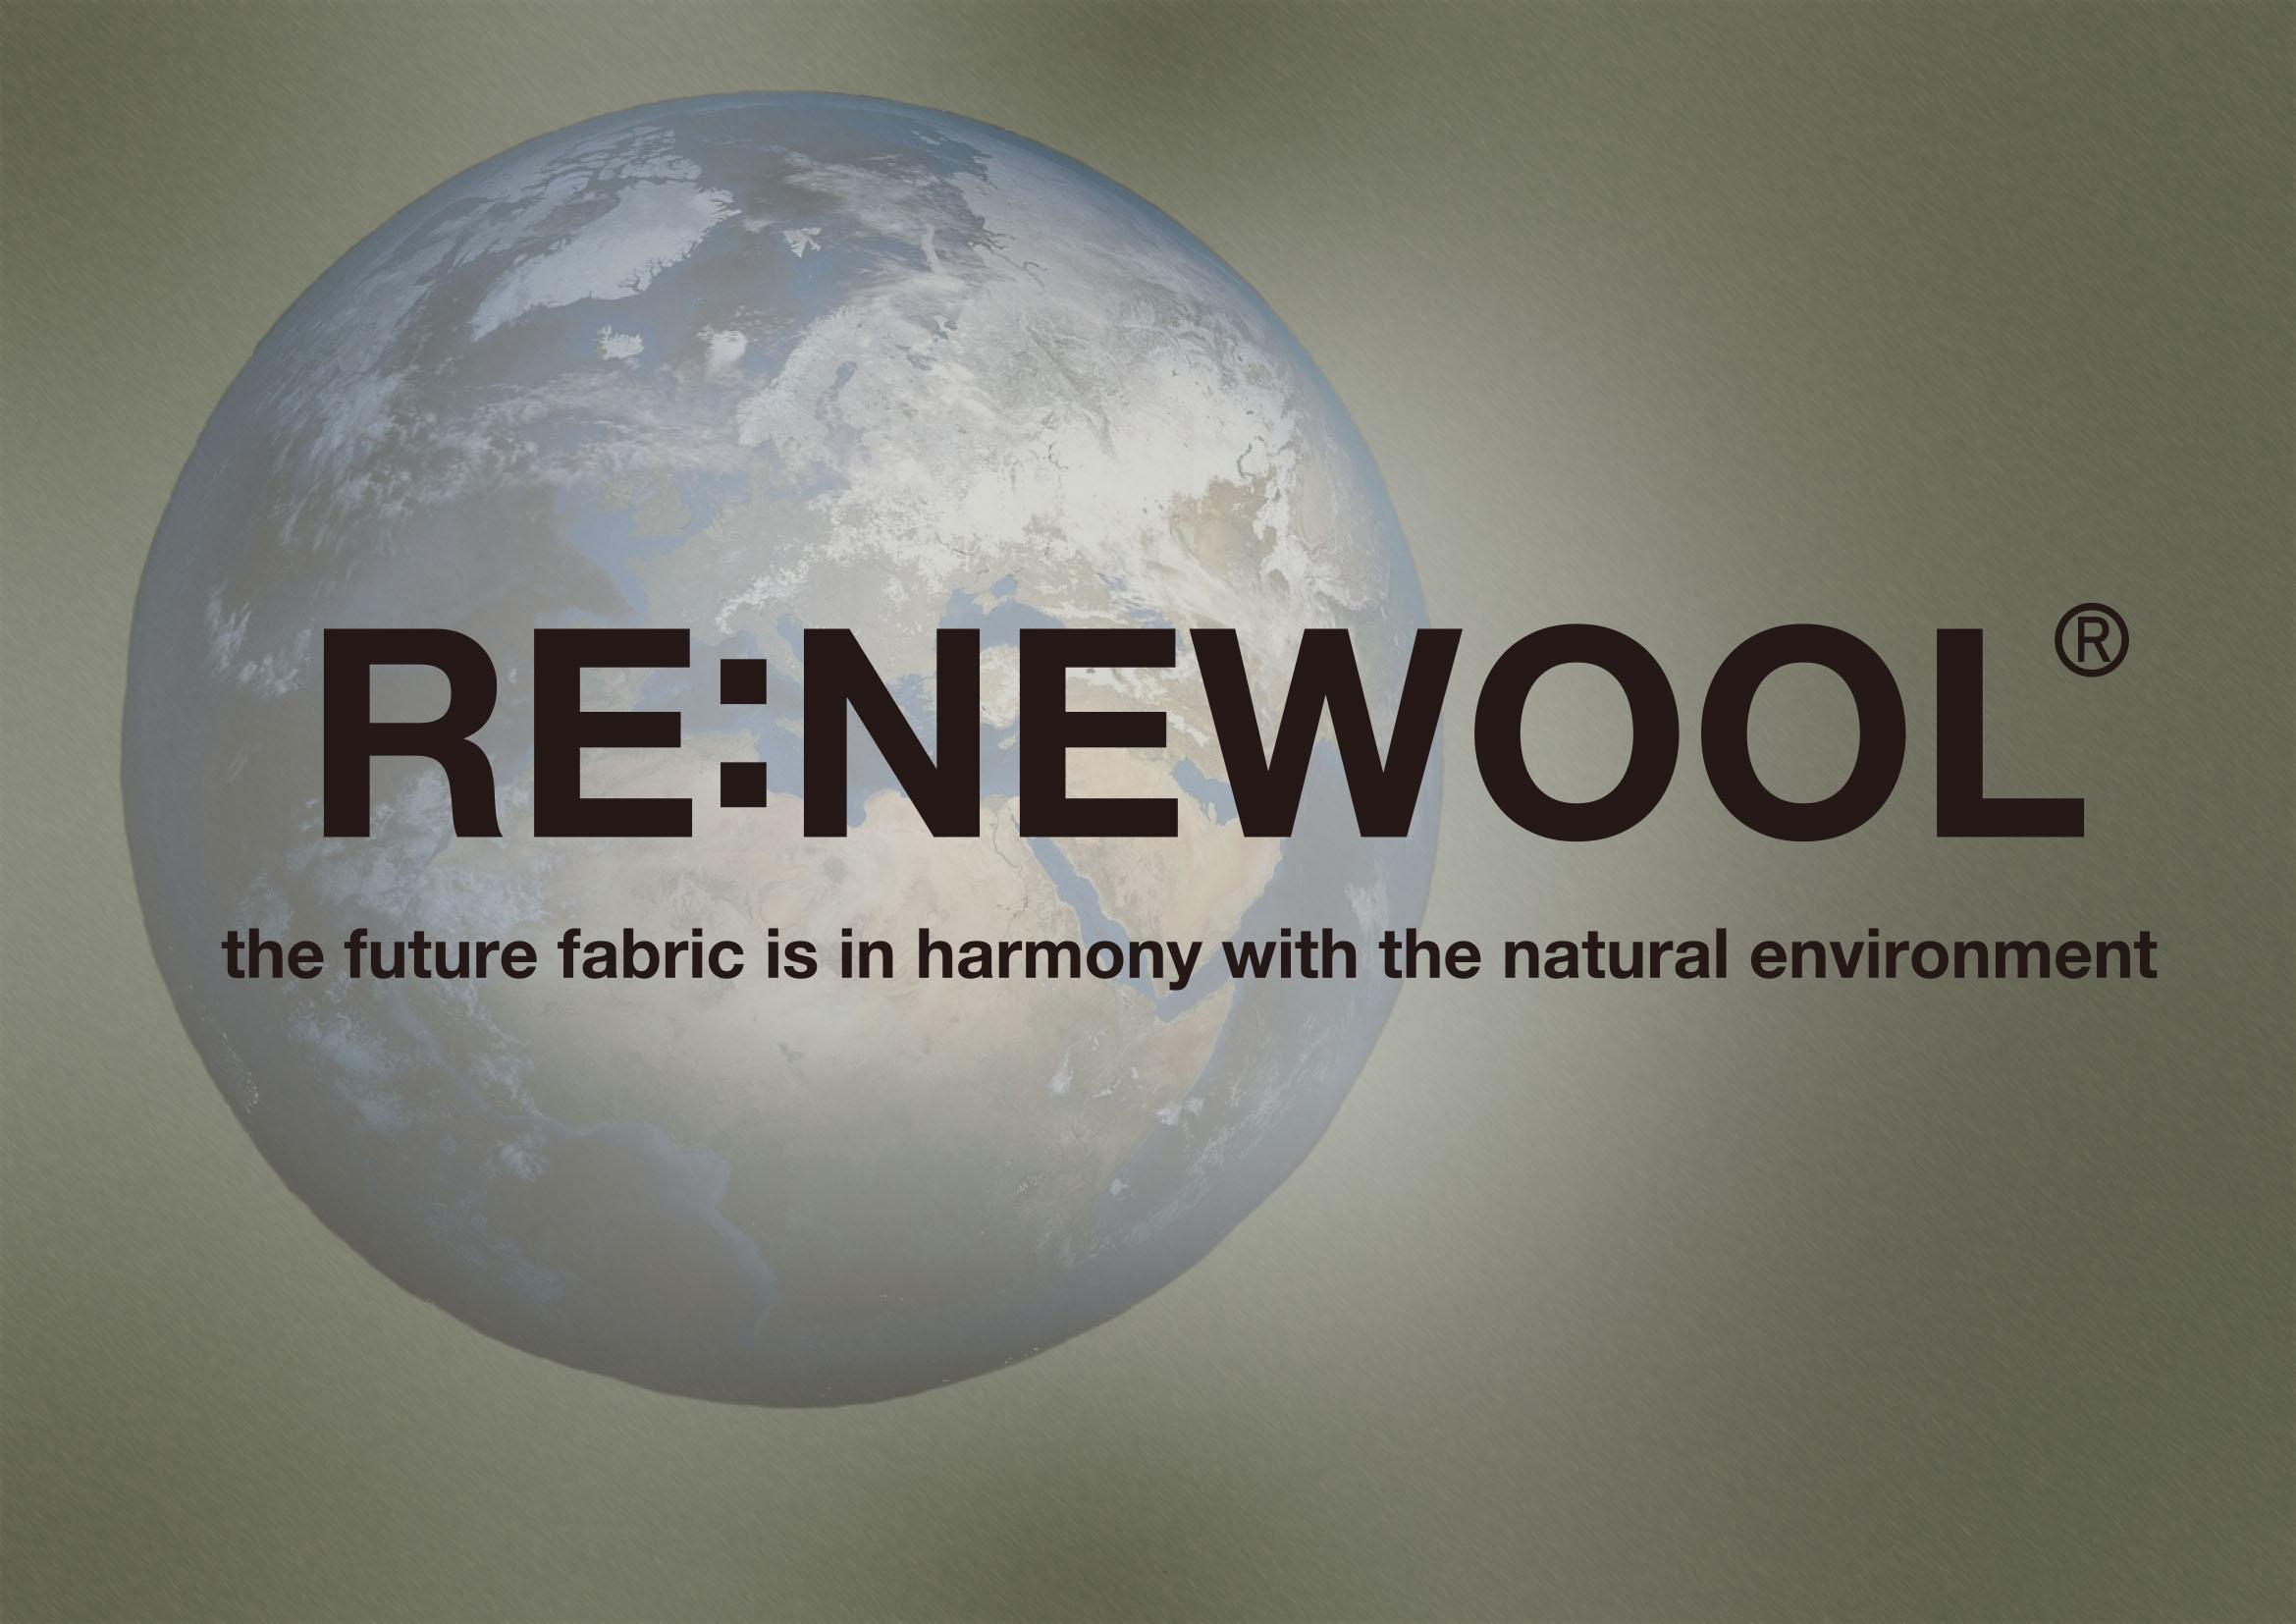 RE:NEWOOL